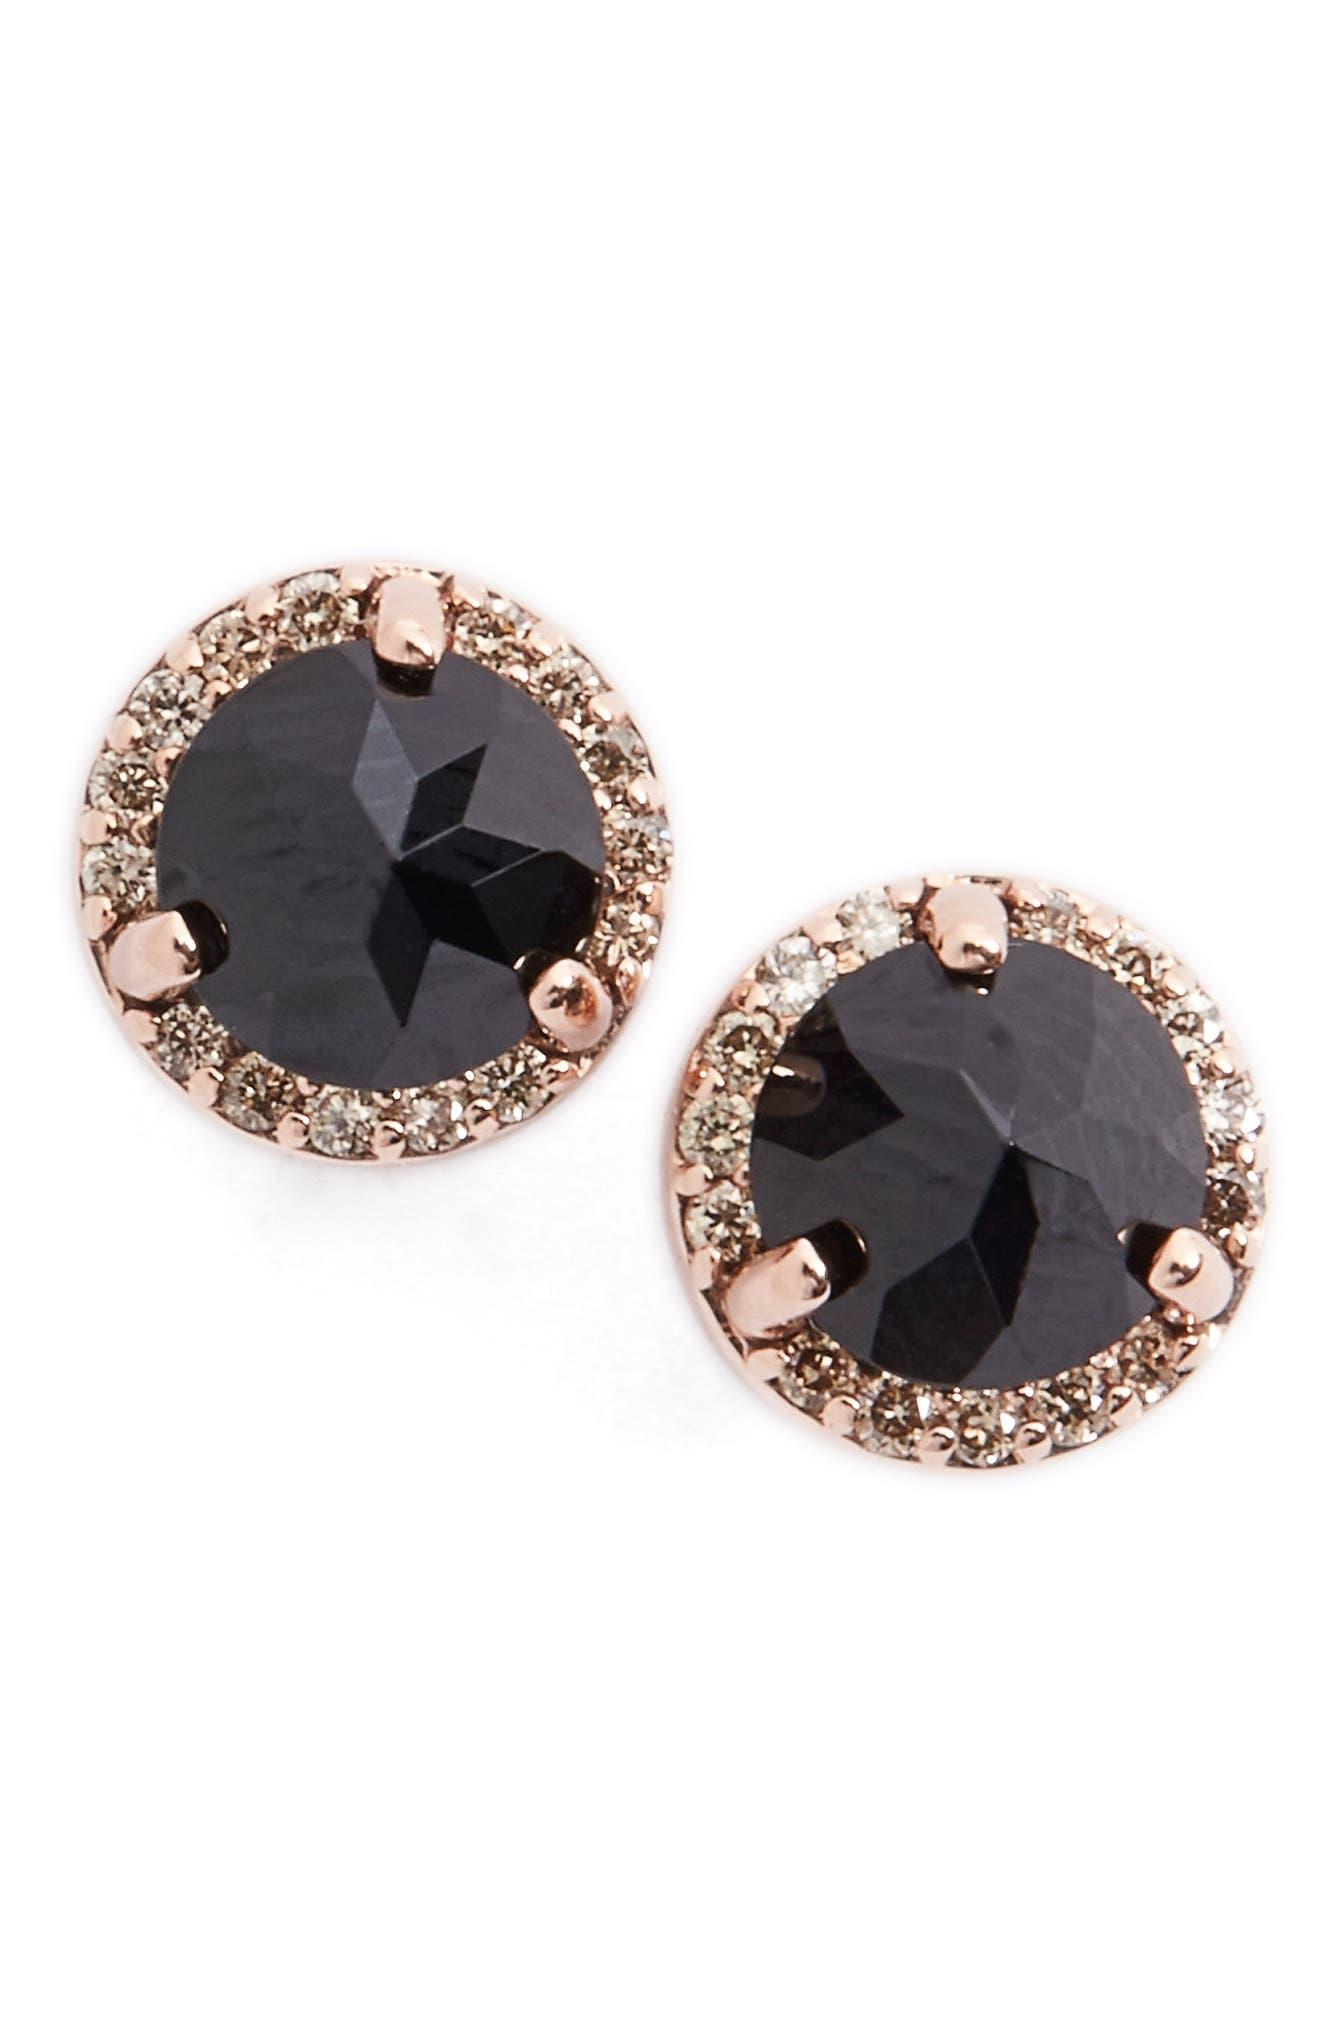 Black Spinel& ChampagneDiamond Rosette Stud Earrings,                             Main thumbnail 1, color,                             001